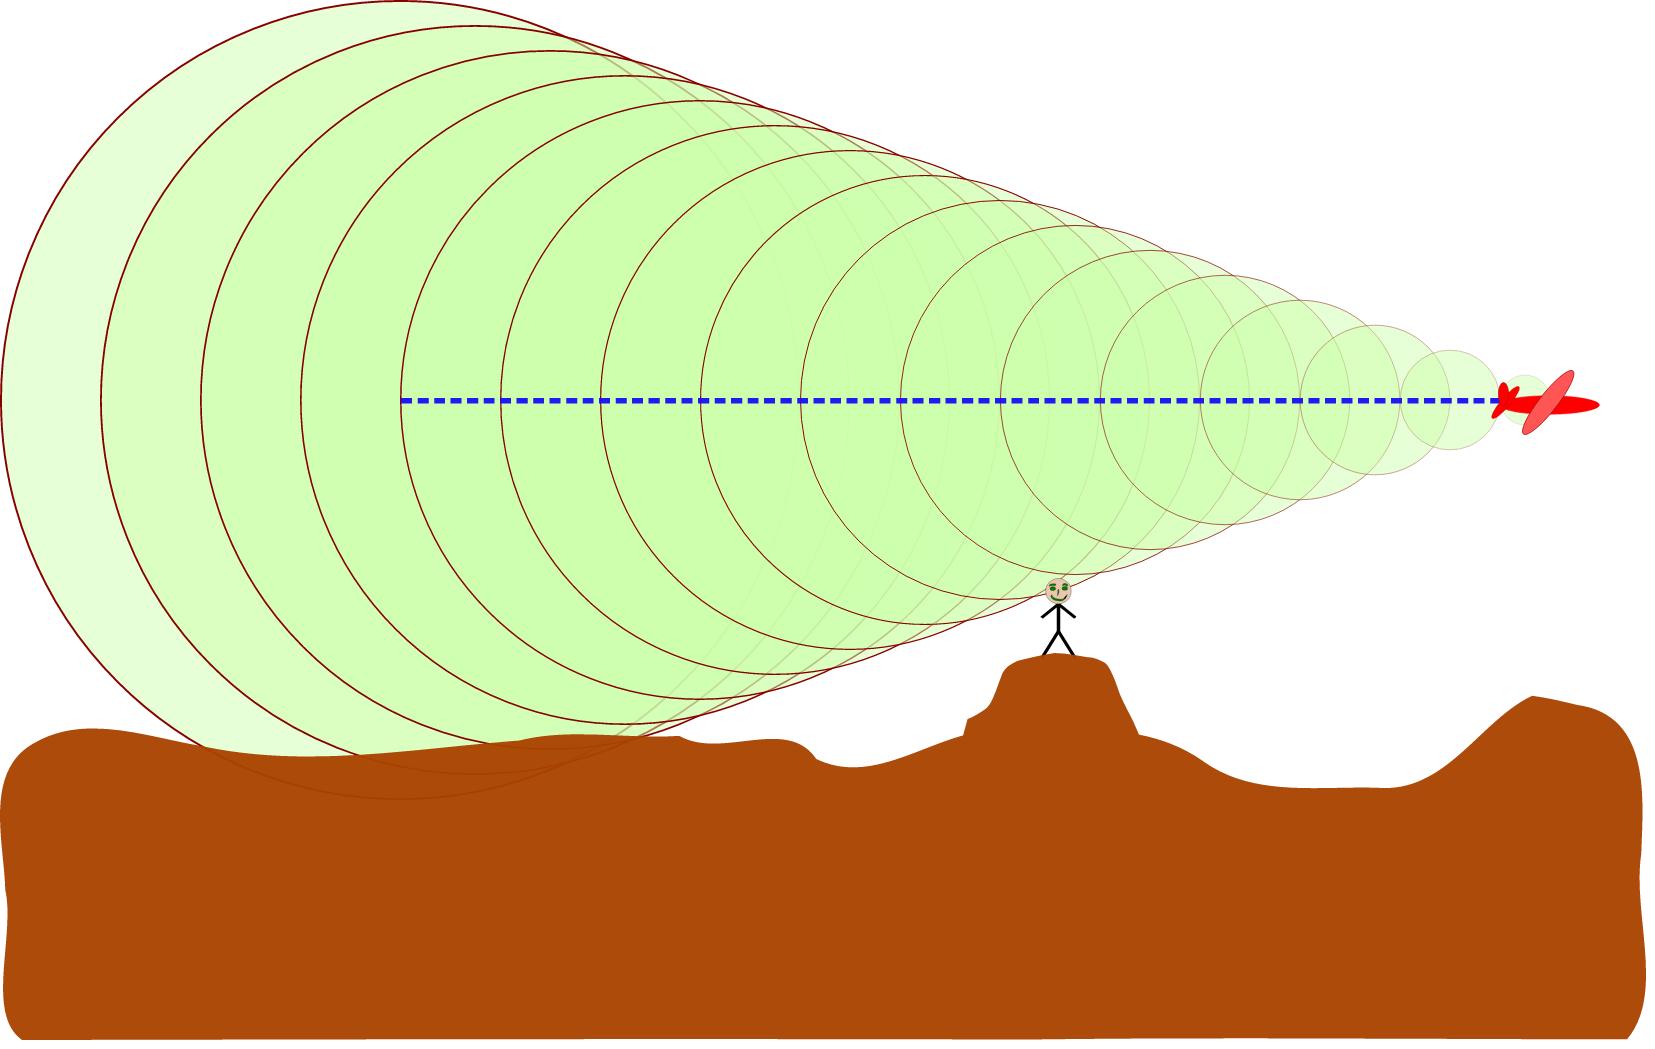 Фотонный конус Маха впервые сняли на видео. На очереди мозг - 1